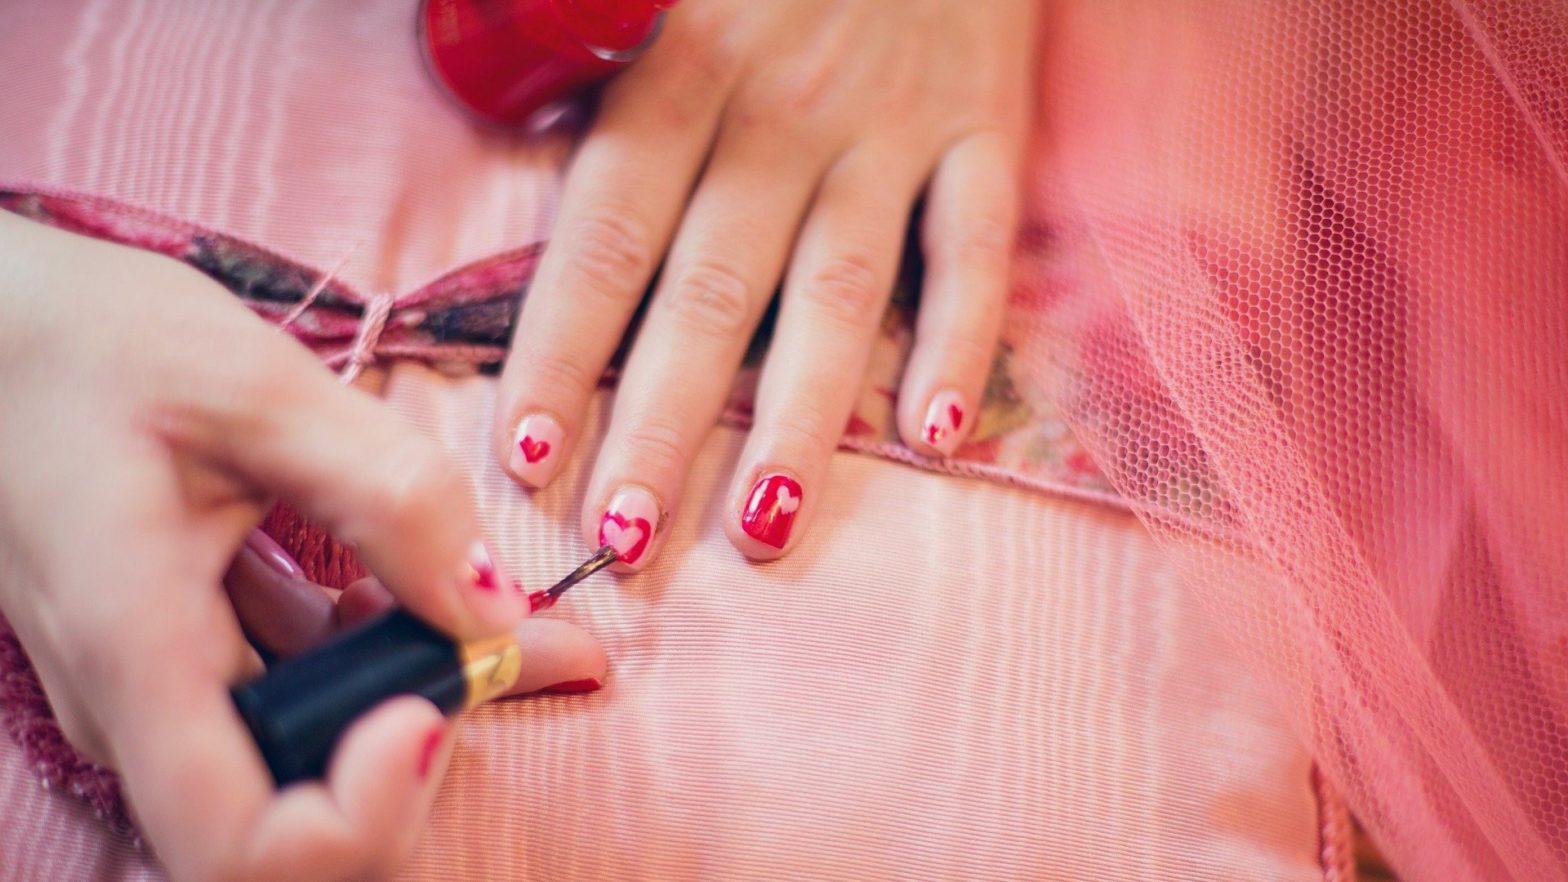 Unhas sendo decoradas com corações feitos com um esmalte vermelho.